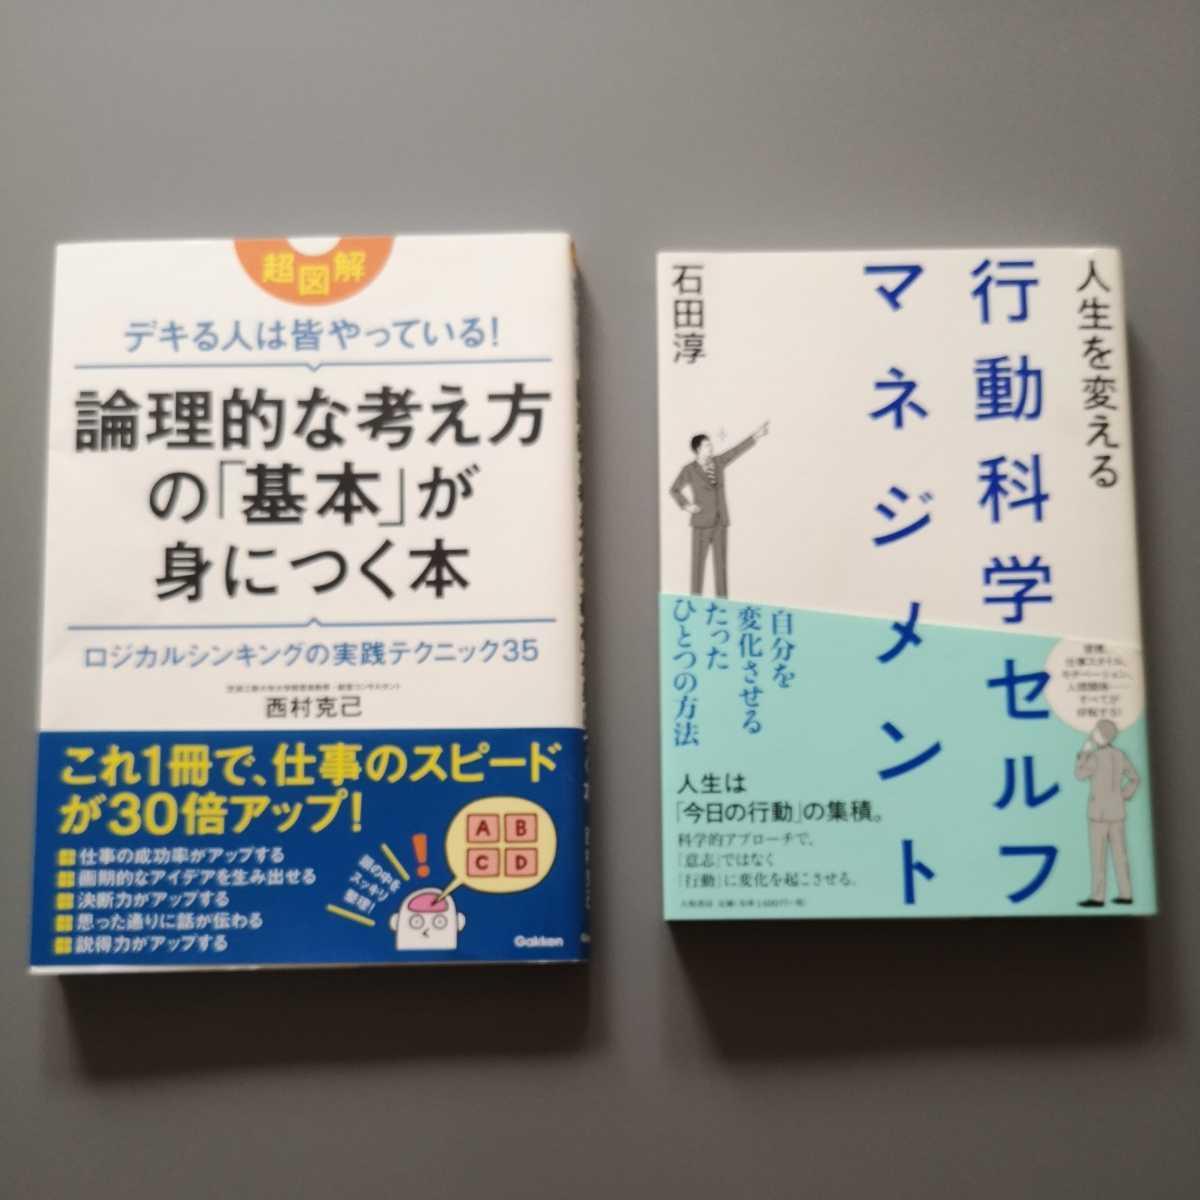 自己啓発本2冊セット 行動科学セルフマネジメント 理論的な考え方の基本が身につく本